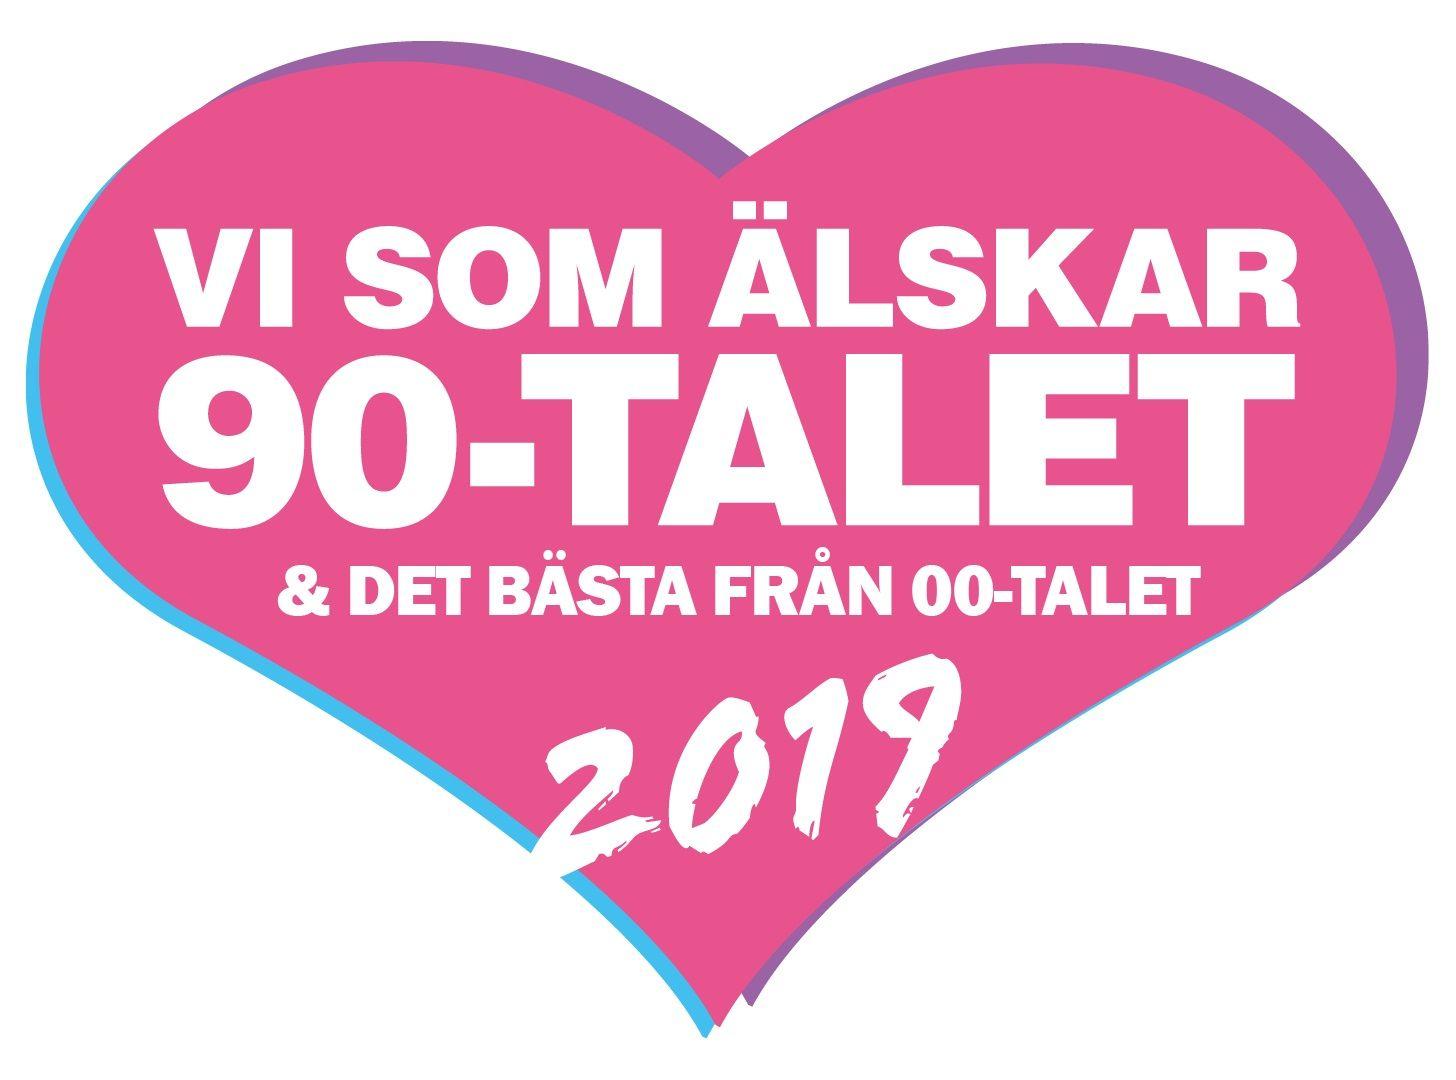 Vi som älskar 90-talet 2019